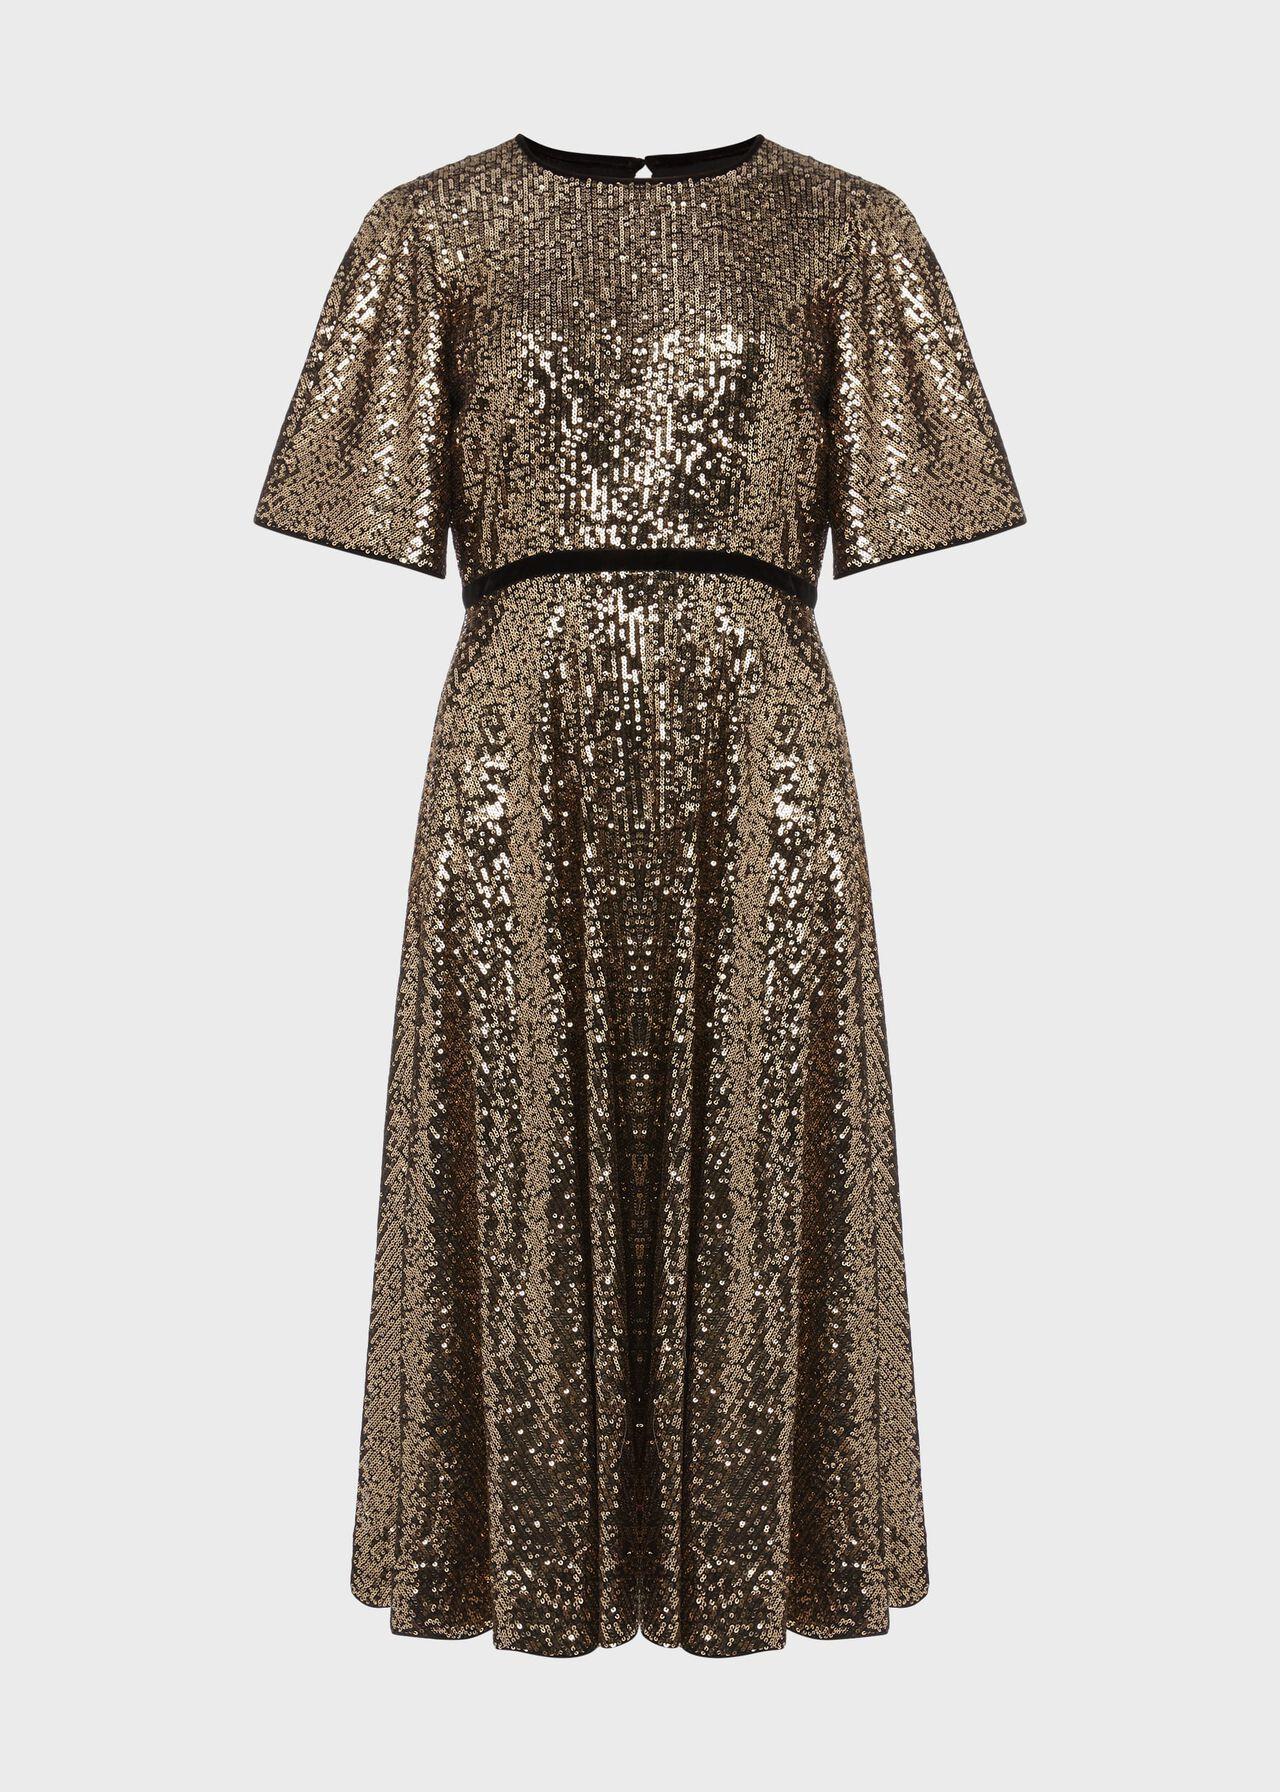 Betsey Sequin Dress Metallic